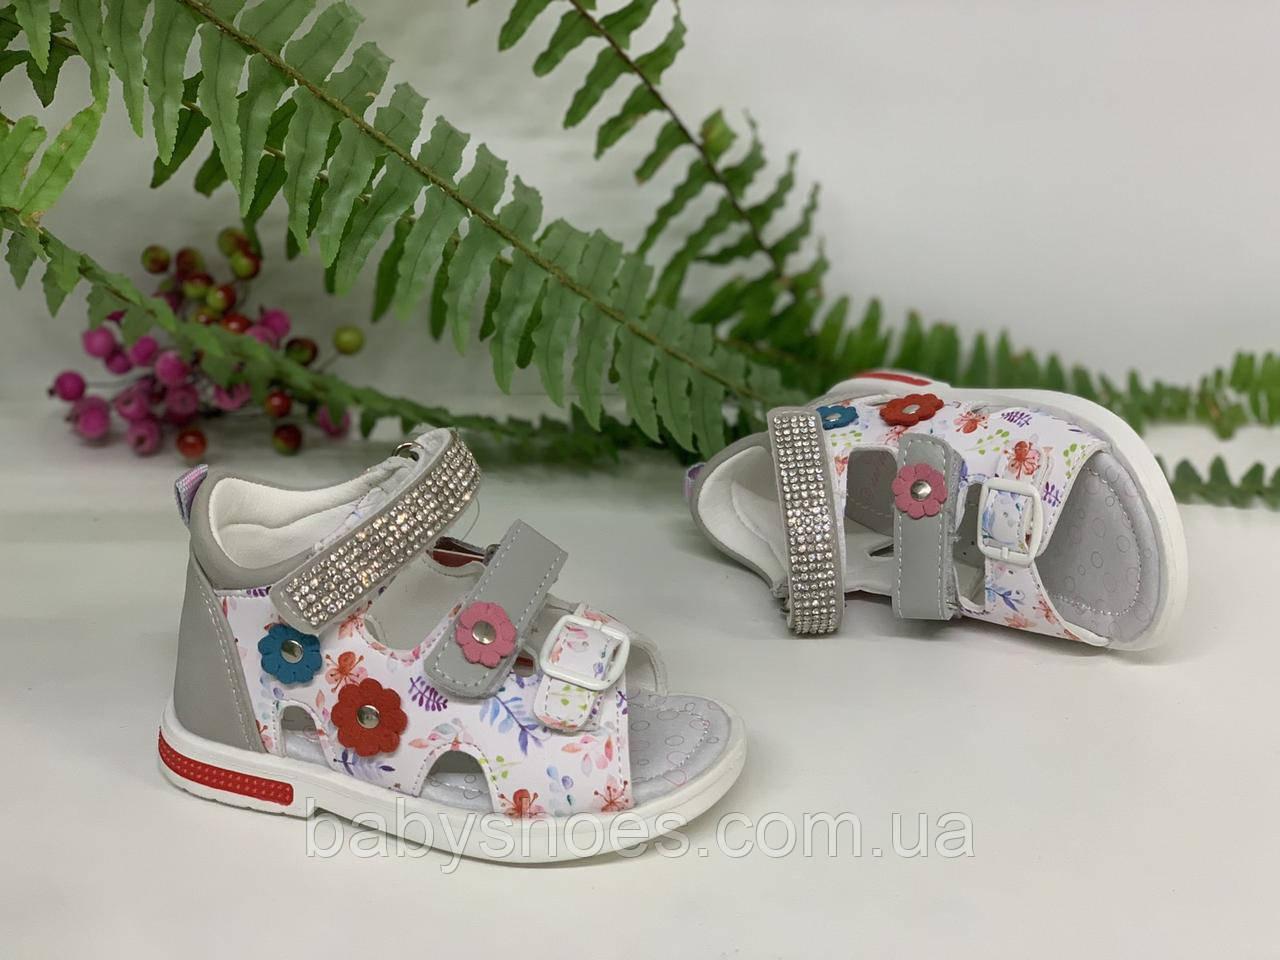 Кожаные босоножки для девочки Tom.m, р.21-26, КБ-541